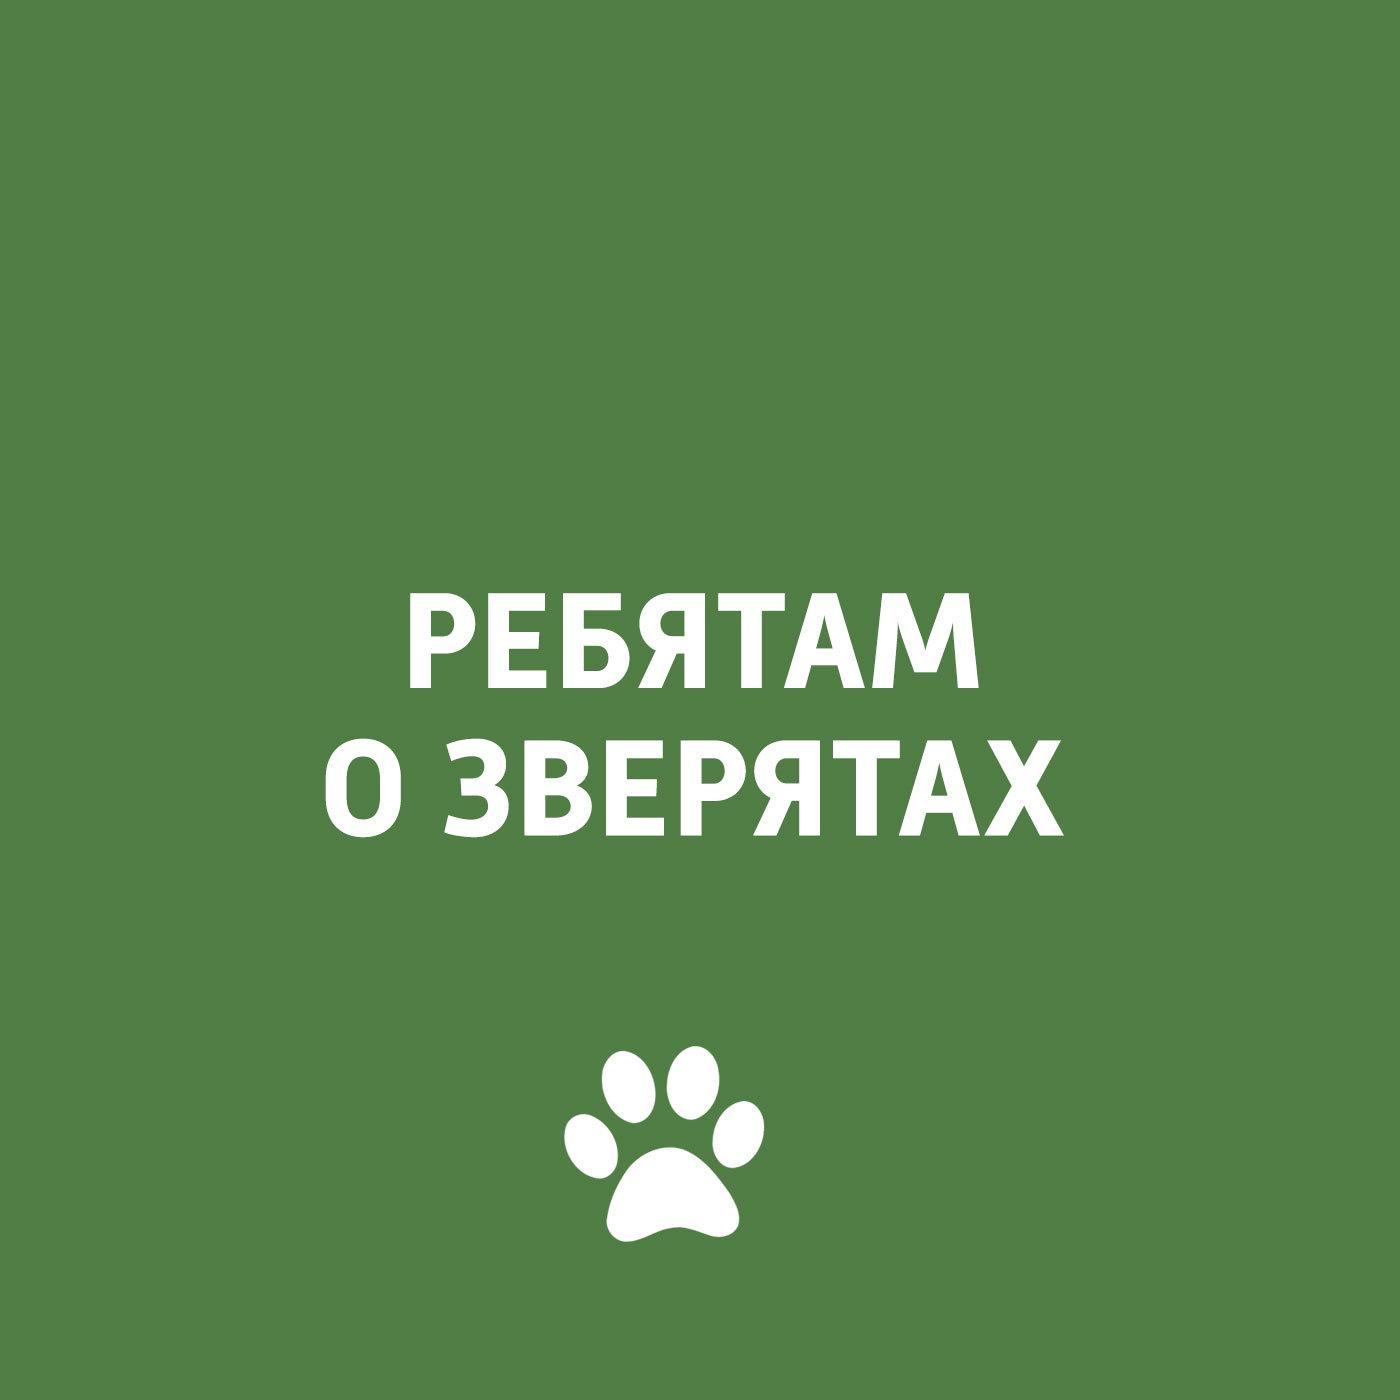 Творческий коллектив программы «Пора домой» Ребятам о зверятах: экзотические животные